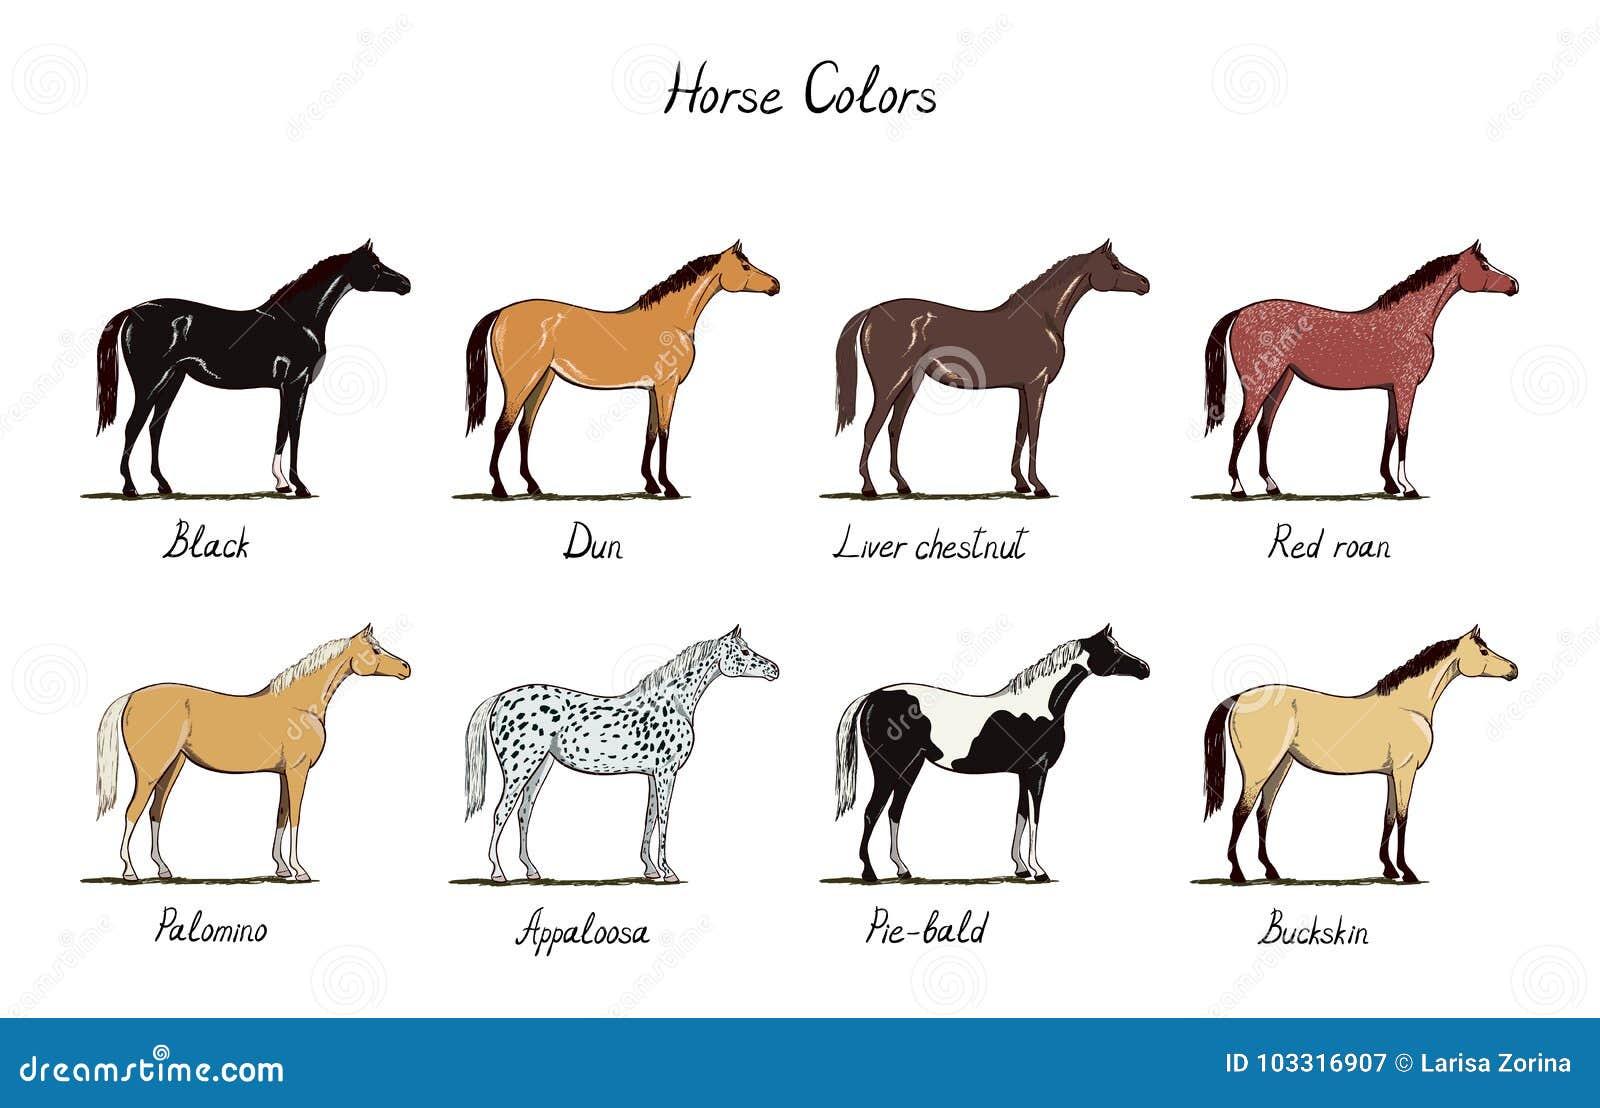 Bonito Color Páginas Caballos Inspiración - Enmarcado Para Colorear ...